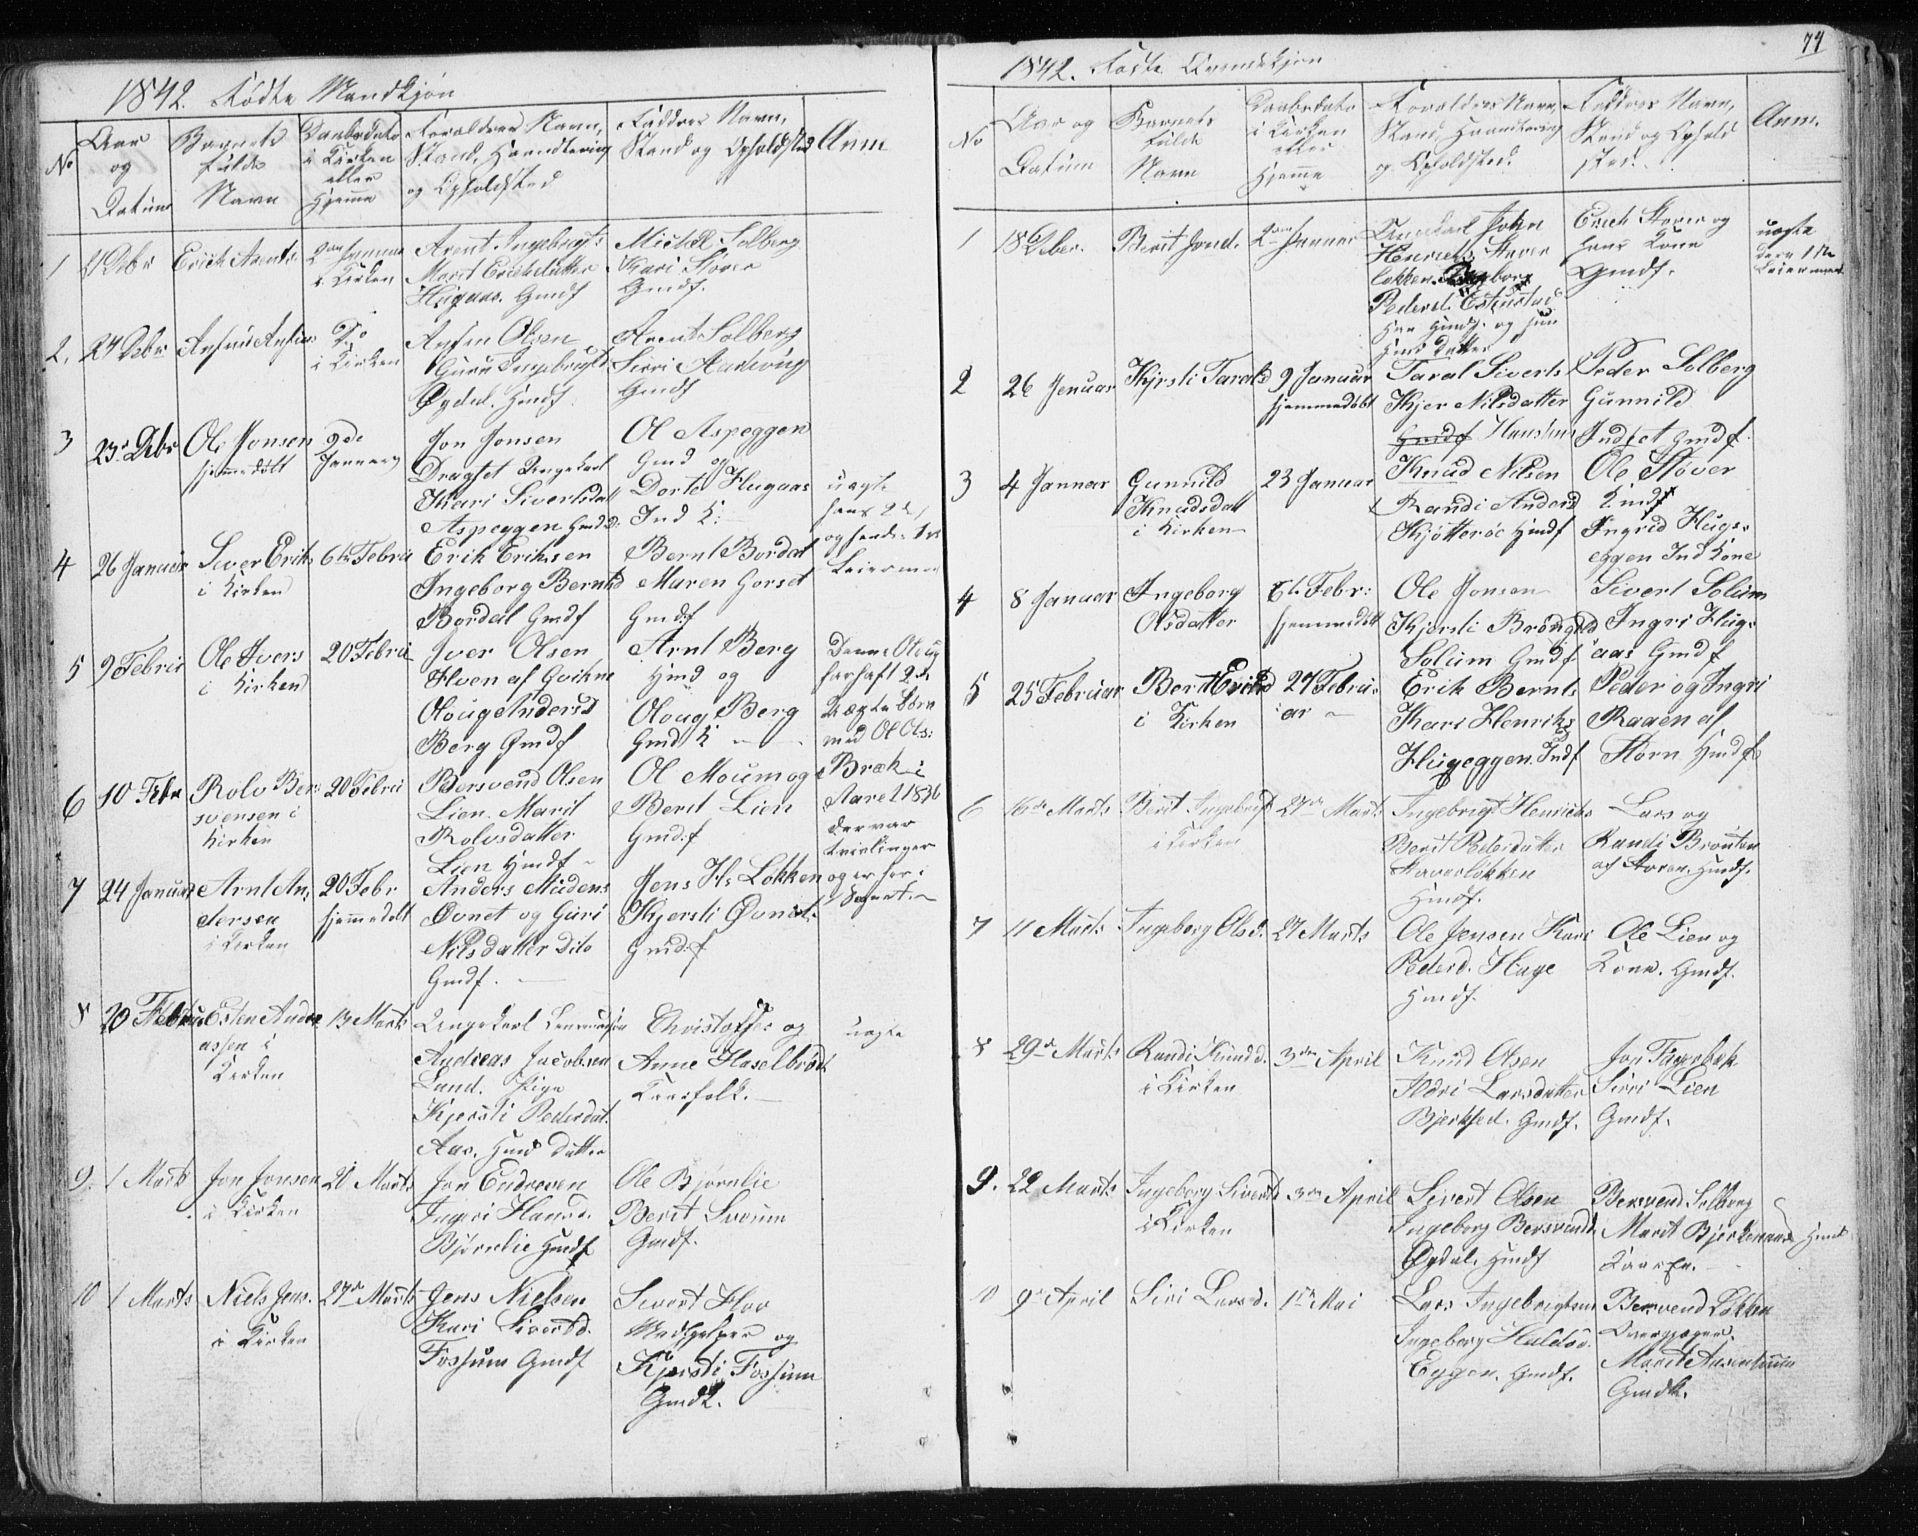 SAT, Ministerialprotokoller, klokkerbøker og fødselsregistre - Sør-Trøndelag, 689/L1043: Klokkerbok nr. 689C02, 1816-1892, s. 74